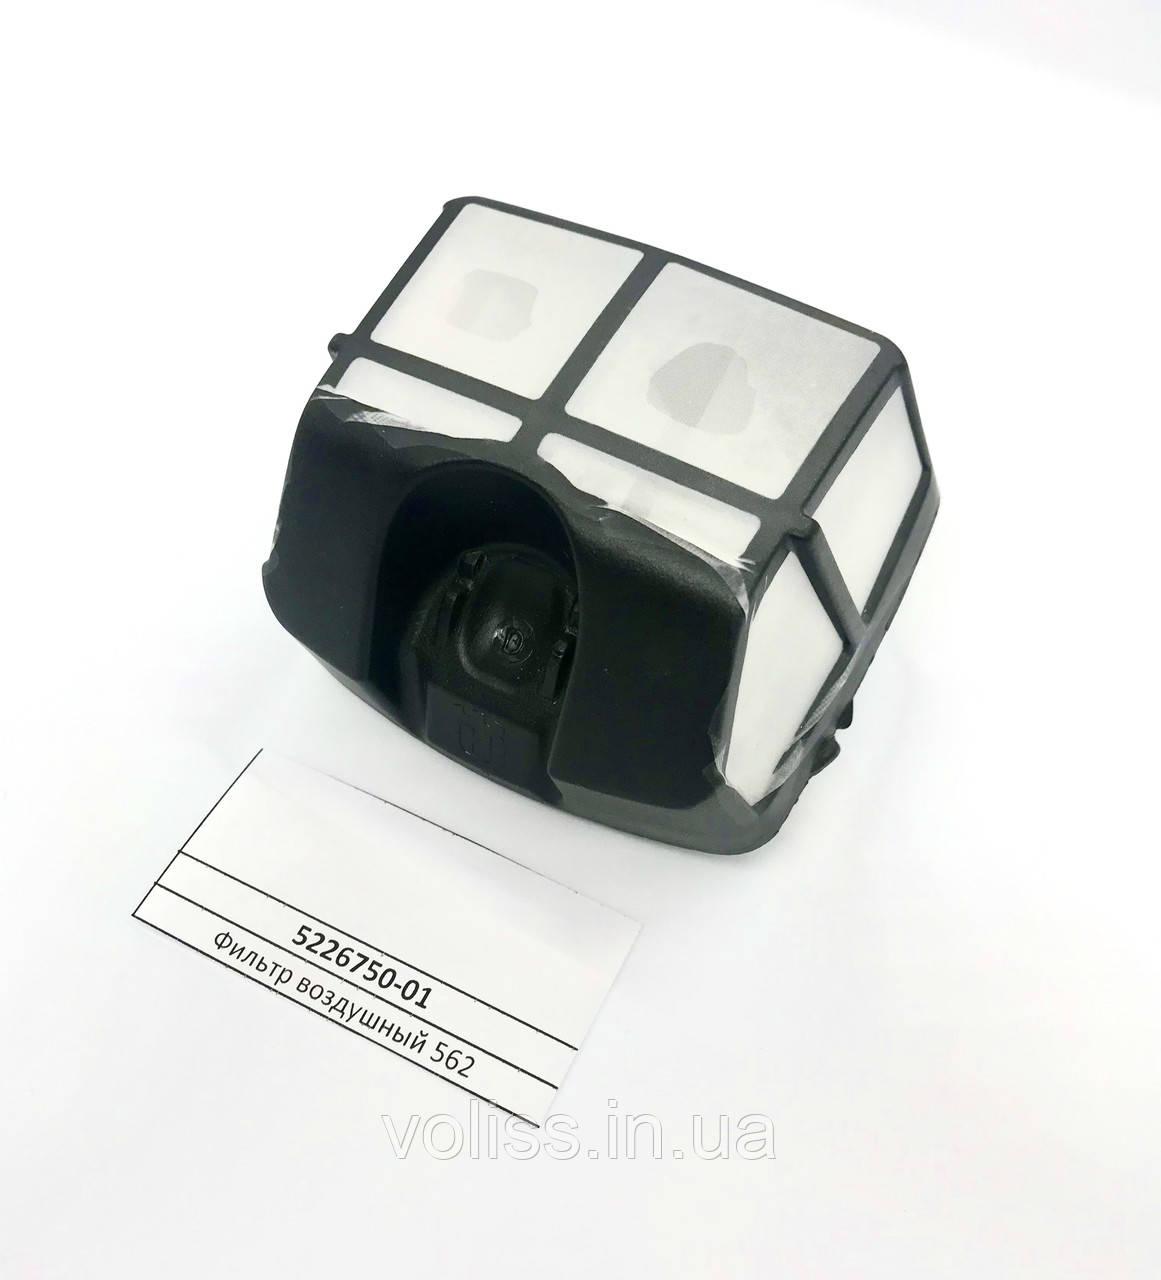 Фильтр воздушный для бензопил Husqvarna 562XP (5226750-01)